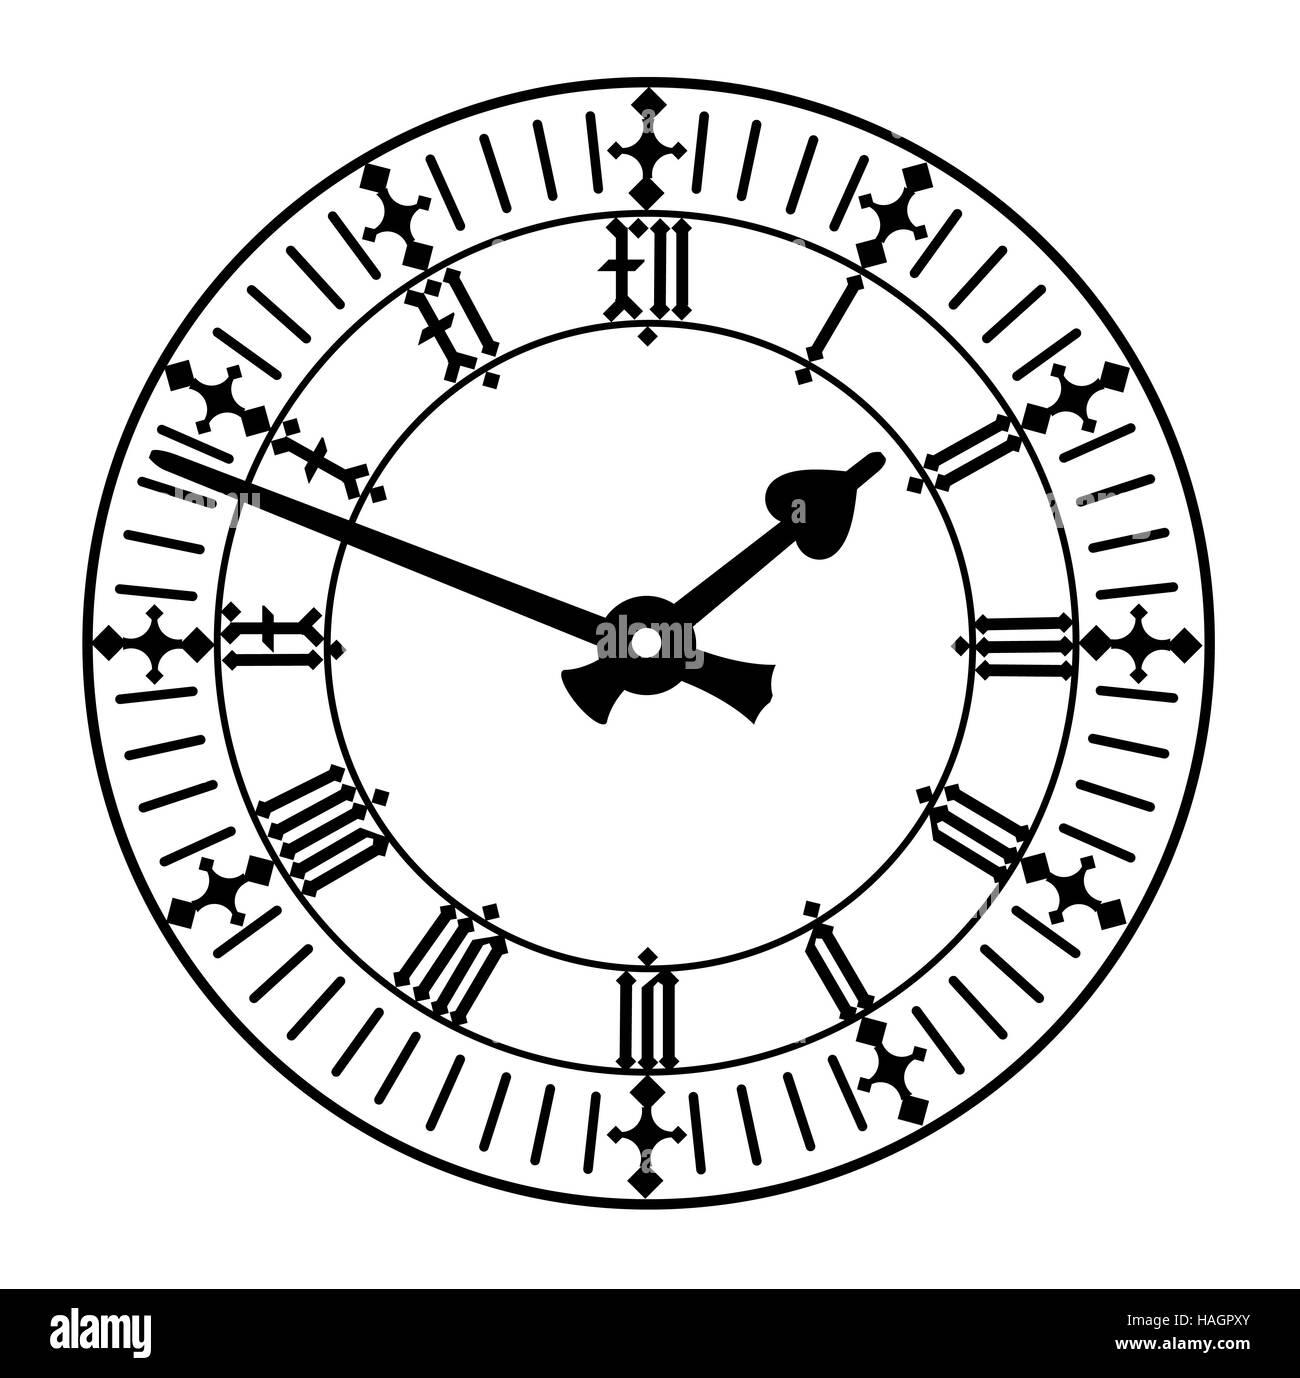 elegant roman numeral clock - Stock Image